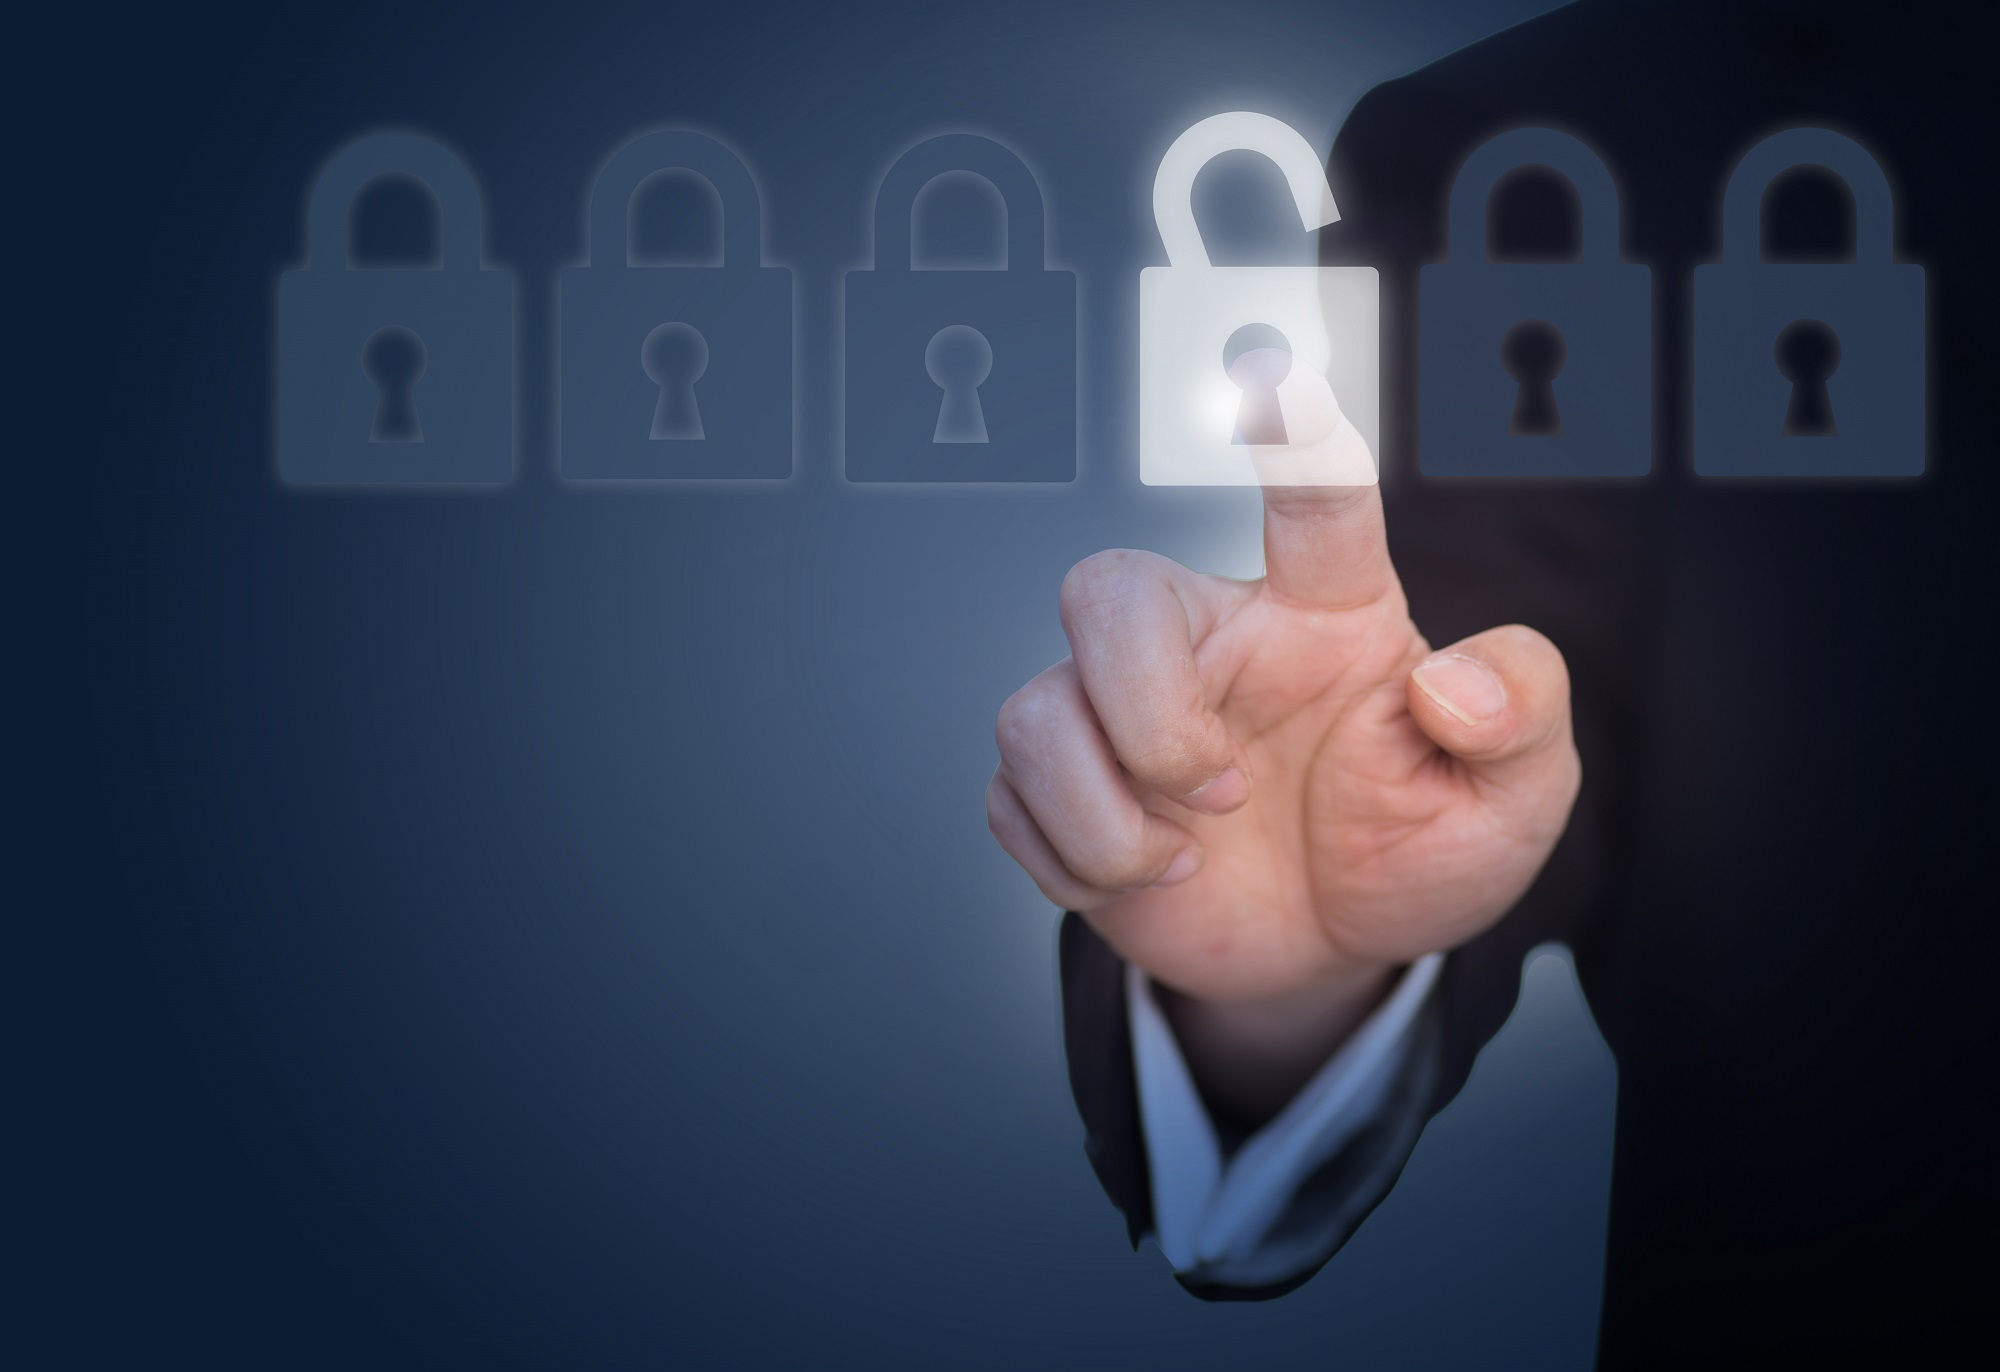 O que é SSL? Certificado digital é essencial para um site seguro